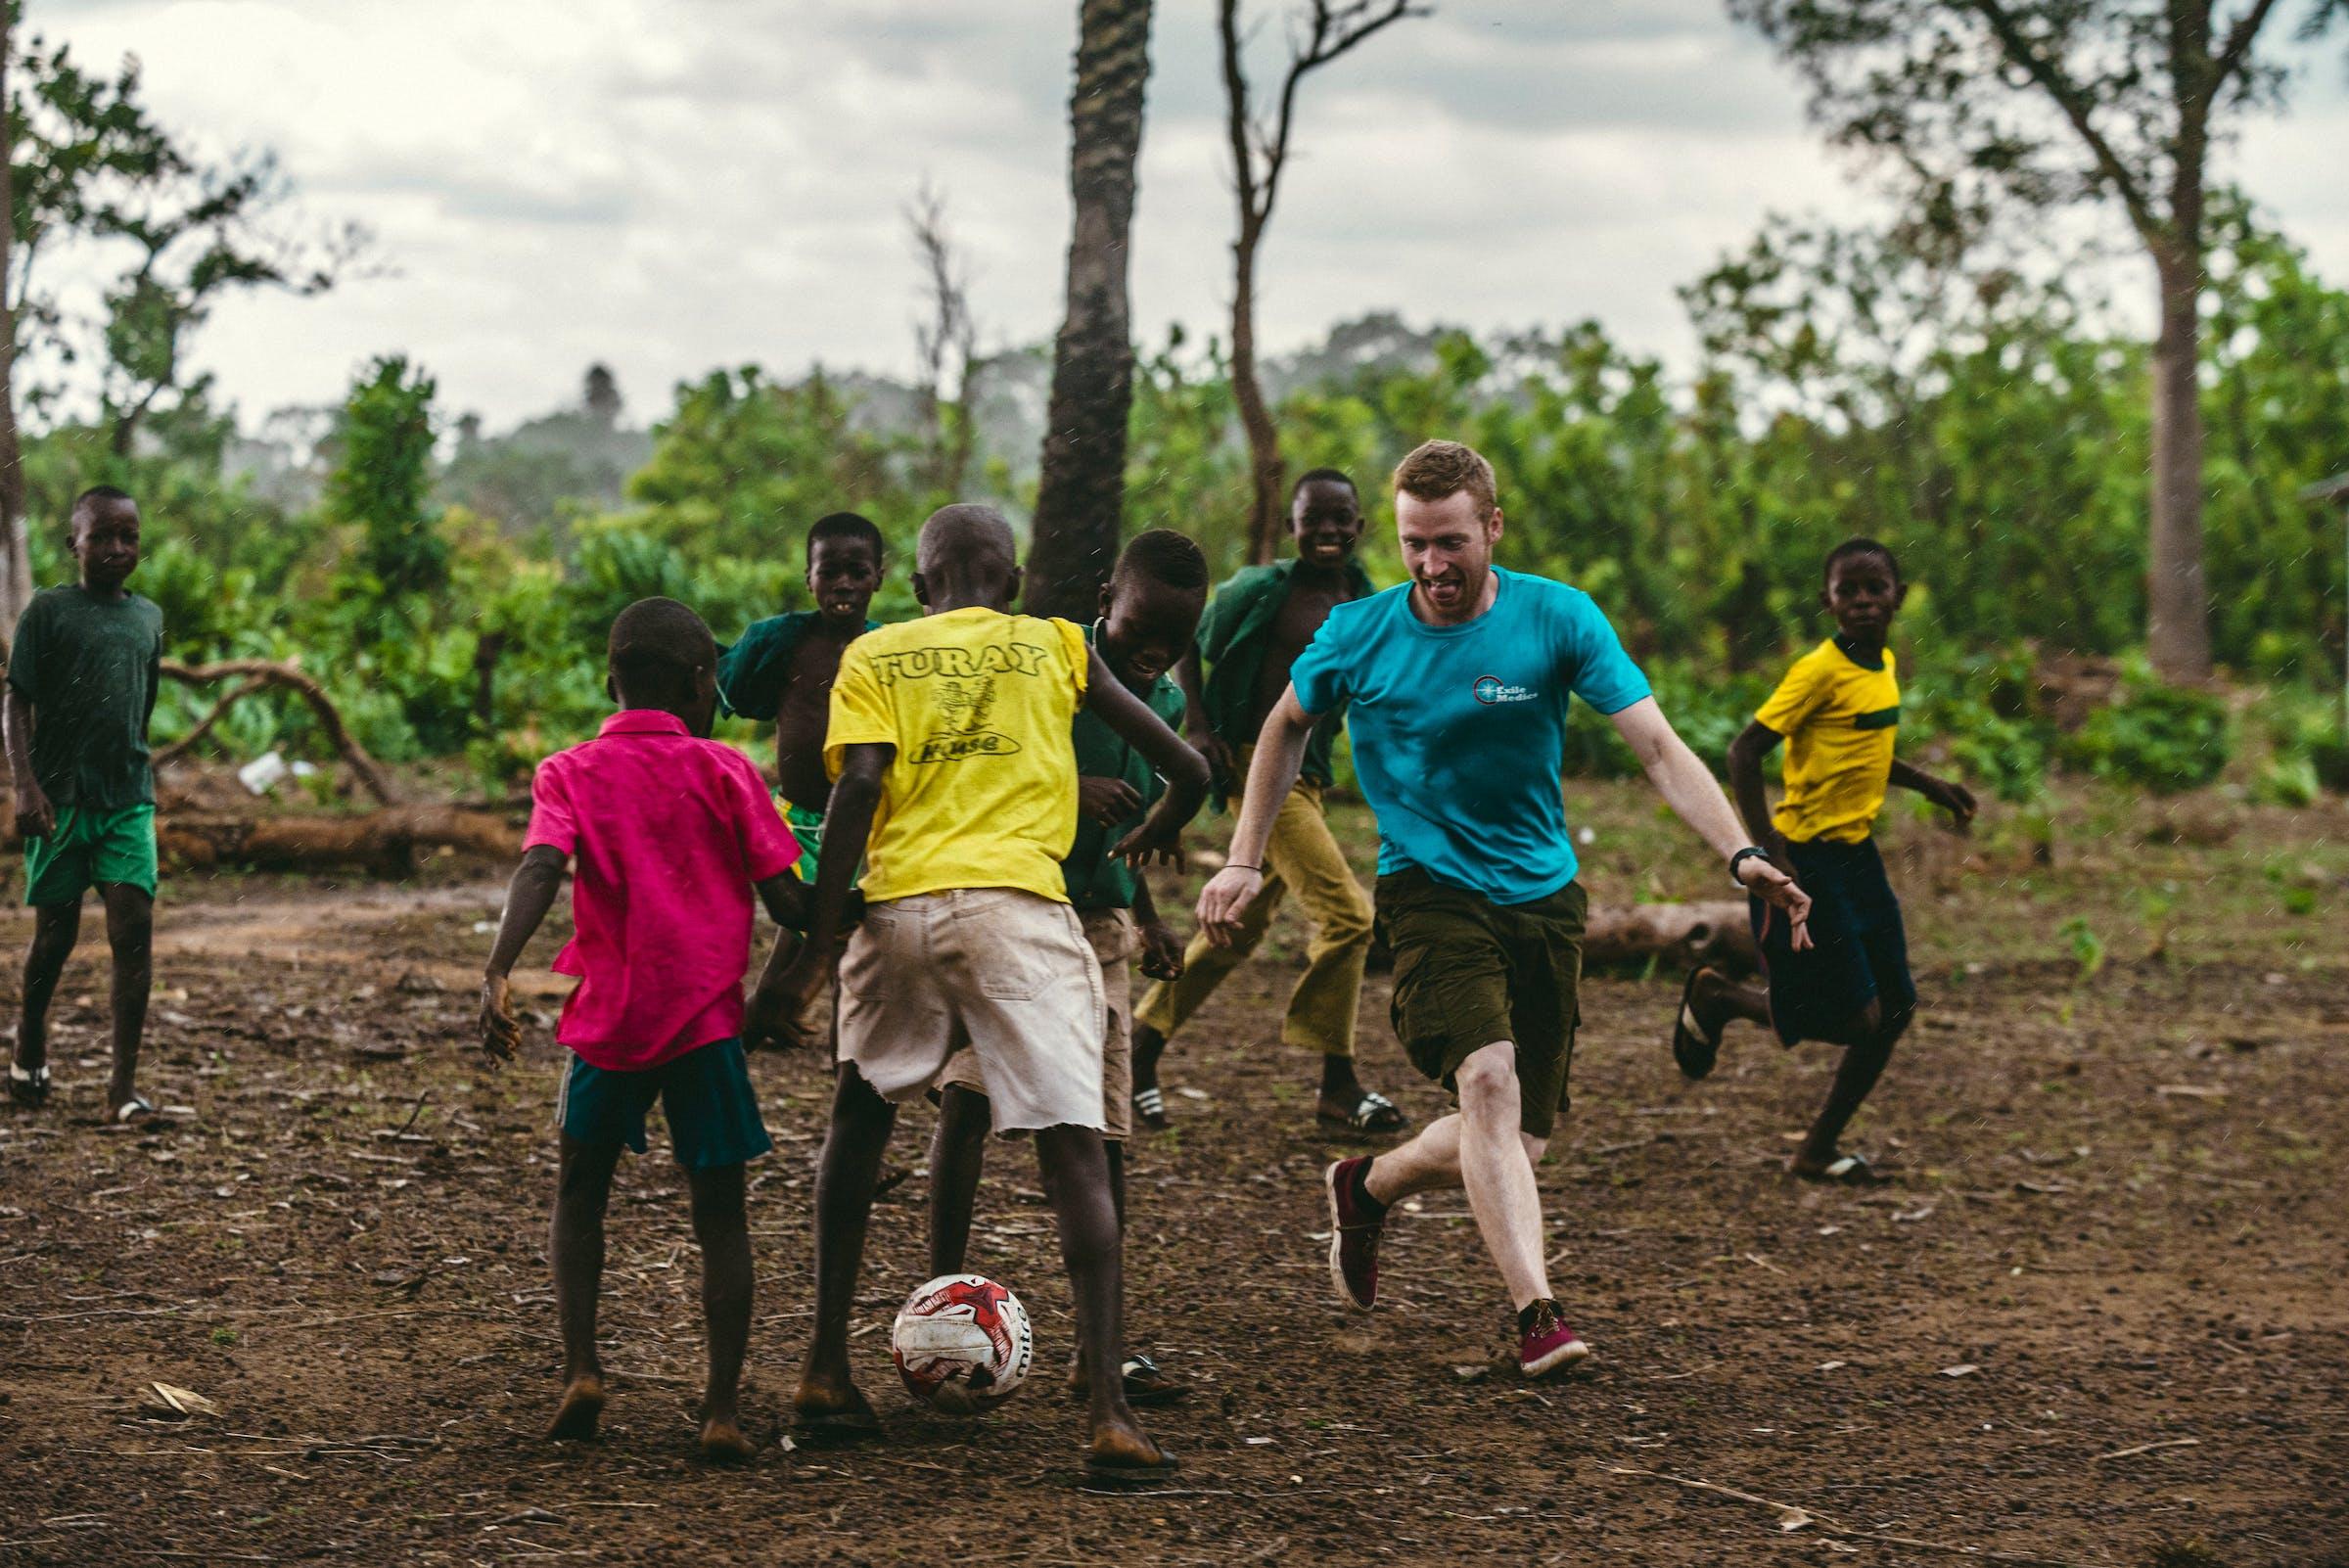 Football for Development Coach